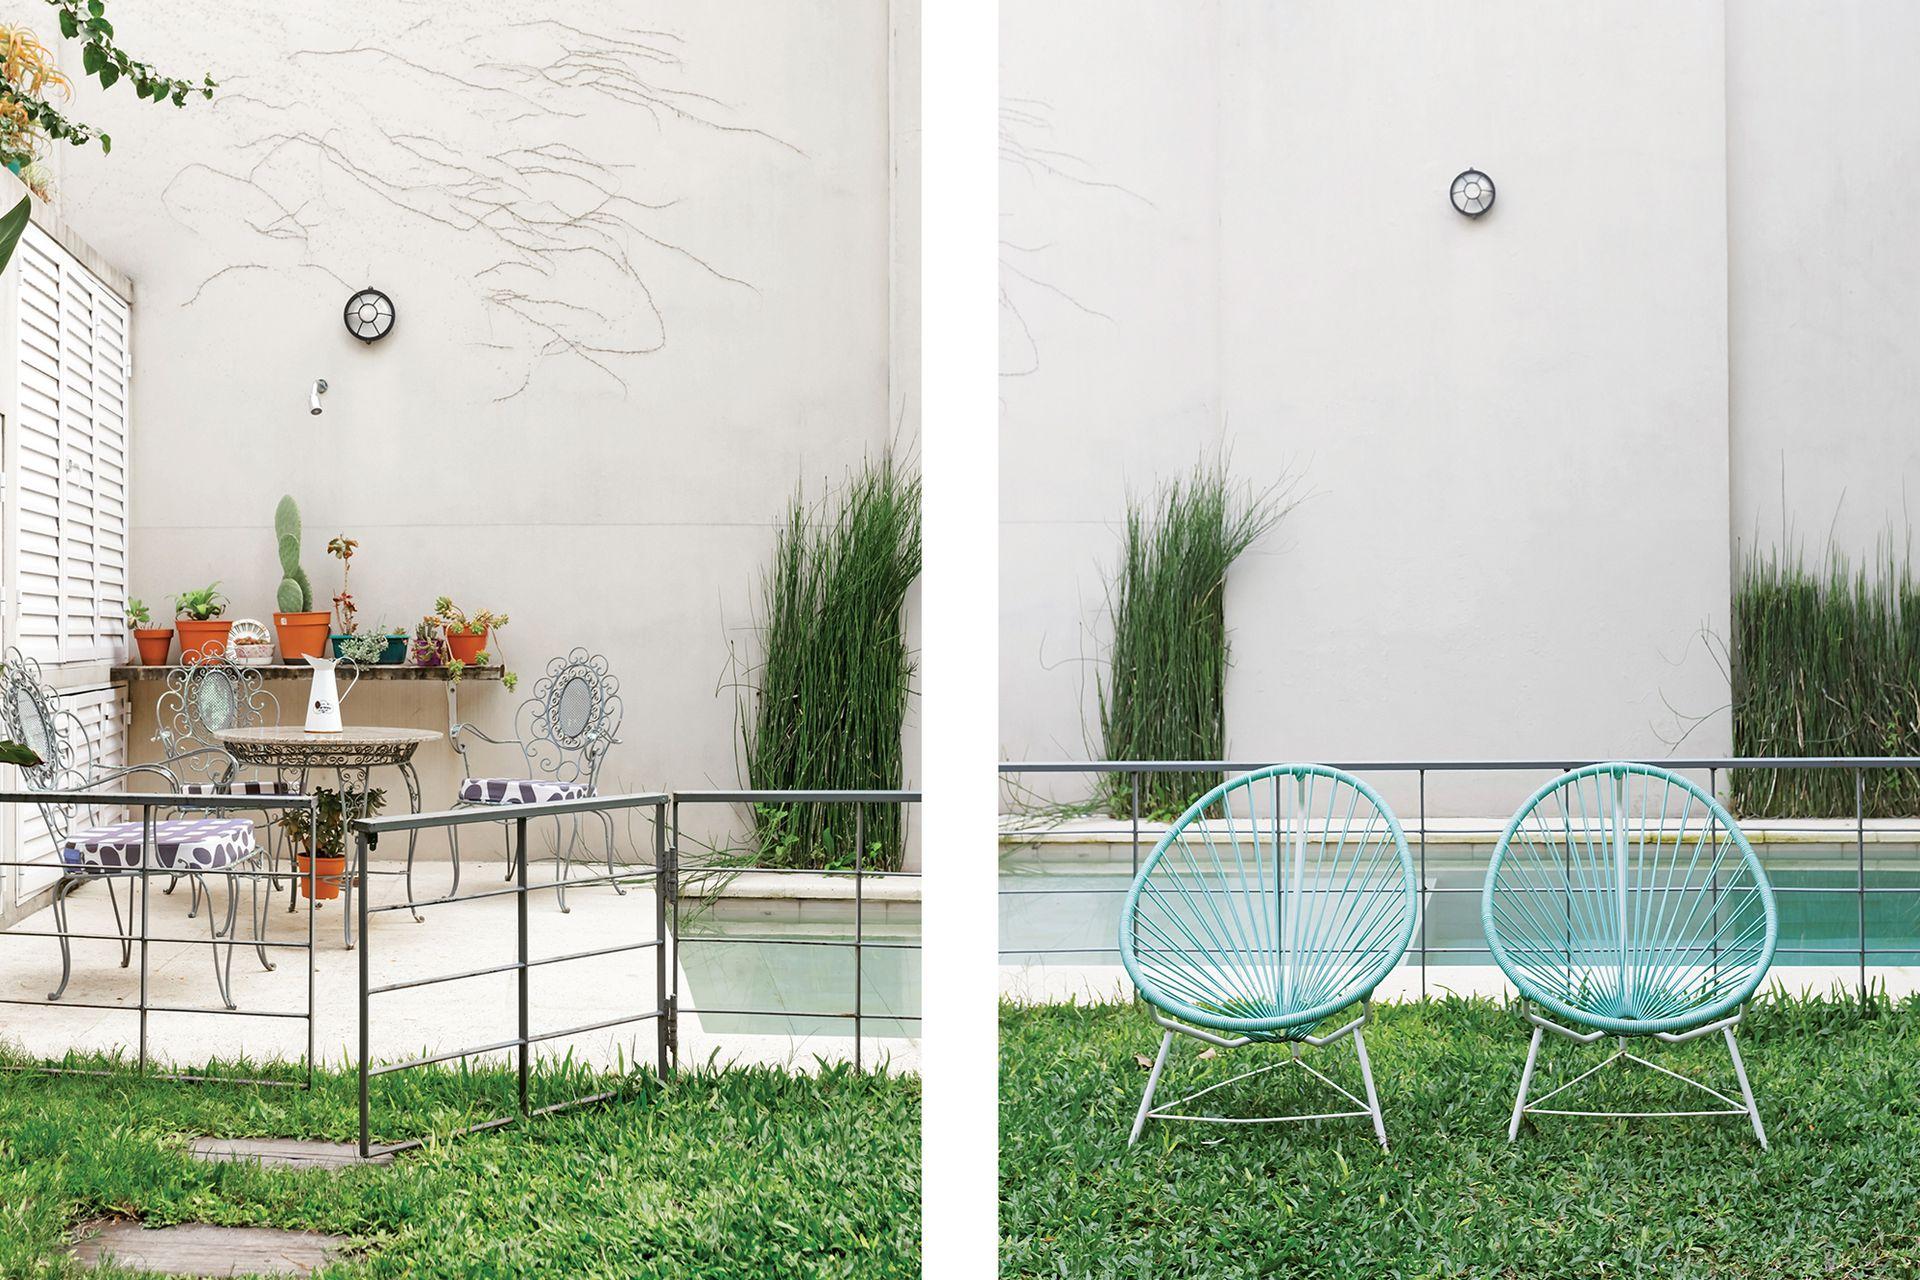 Acá conviven armónicamente un juego de jardín antiguo y sillas Acapulco, verdaderos clásicos moderno. Tras el cerramiento, la parrilla